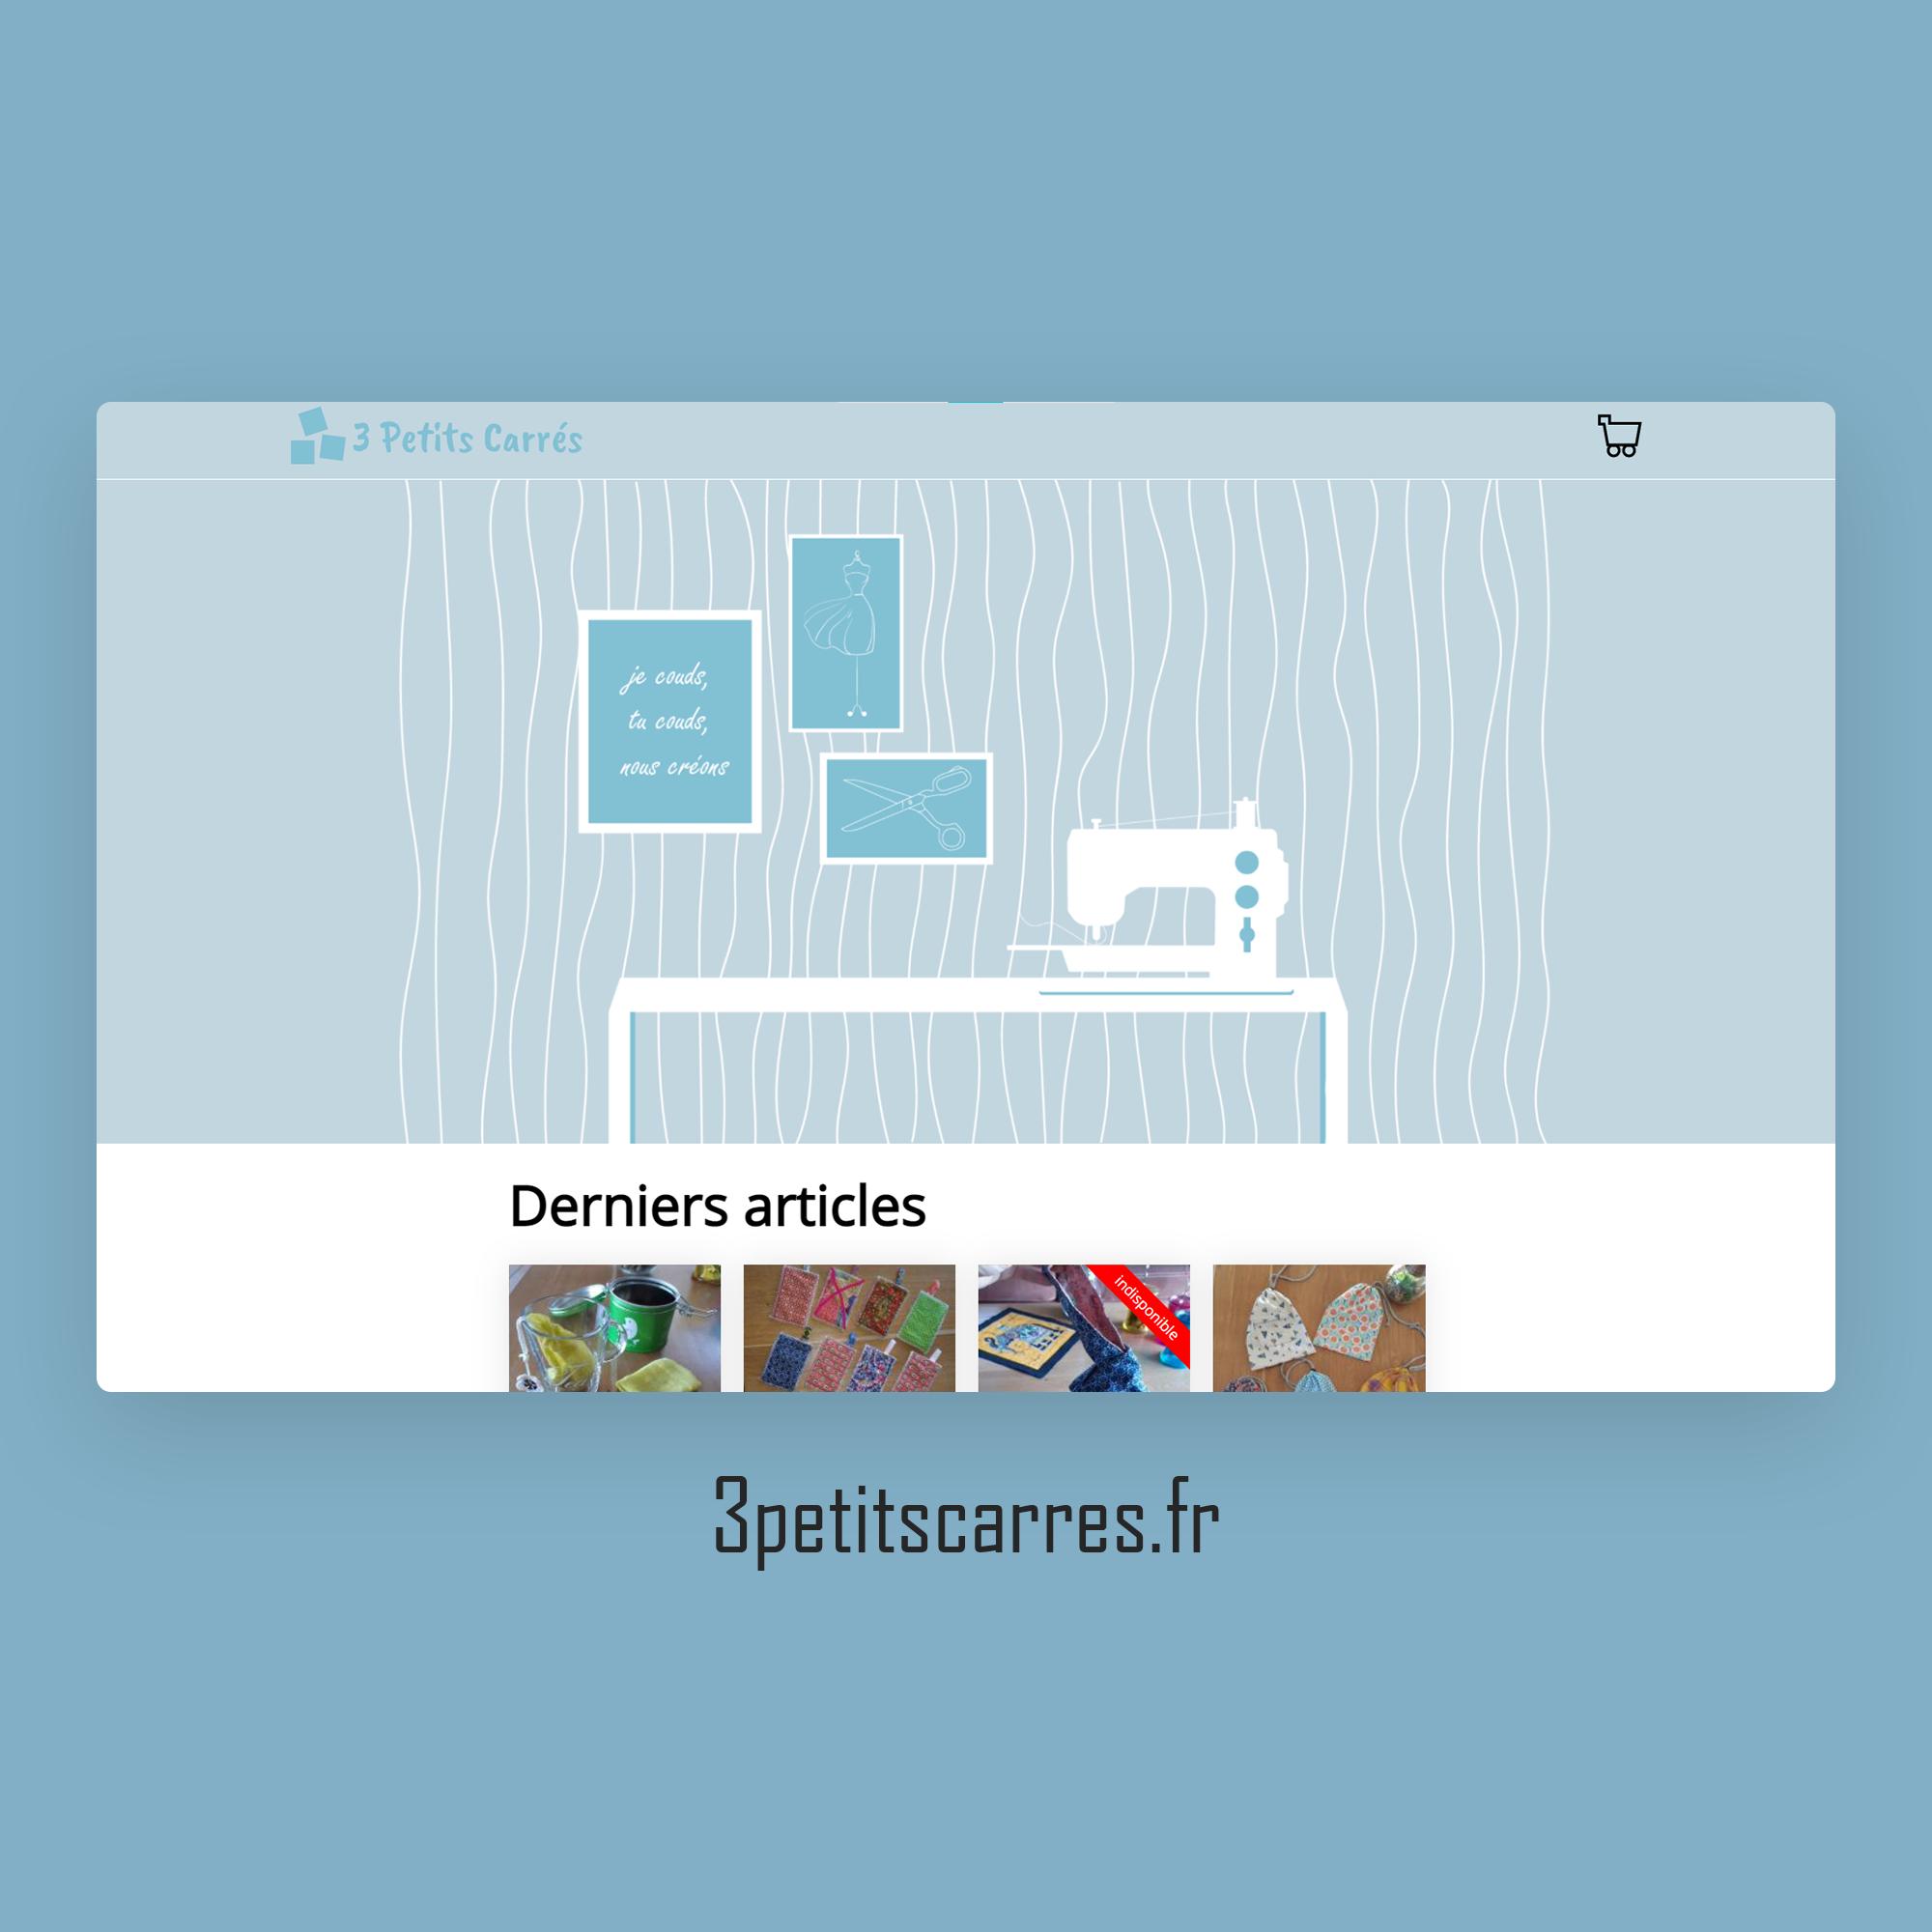 3 Petits Carrés - Image de présentation